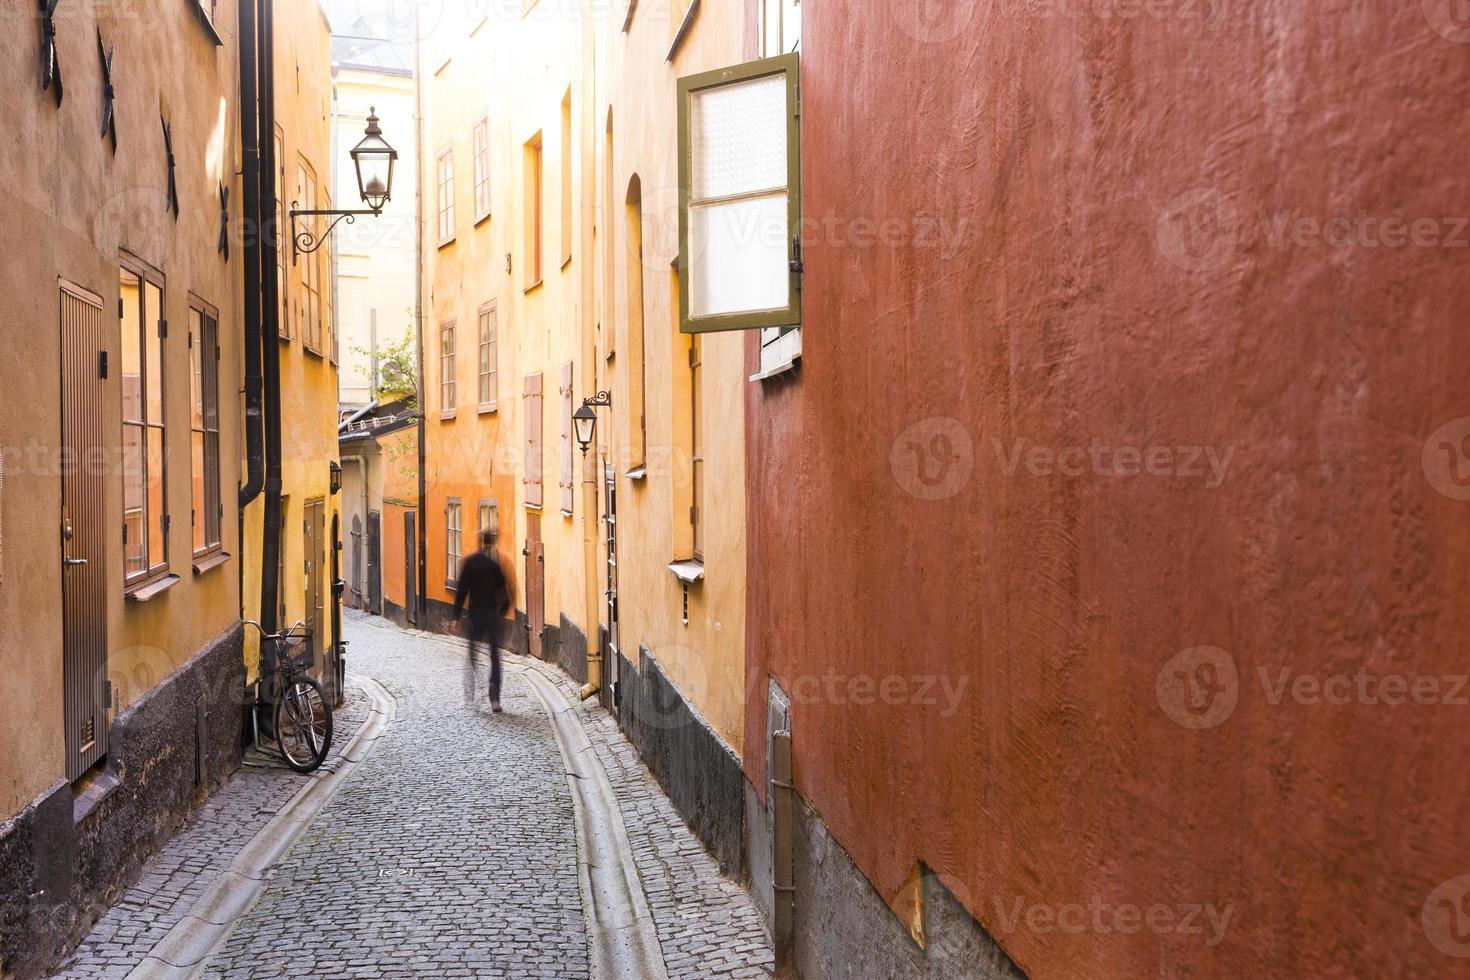 rue étroite de la vieille ville de stockholm photo